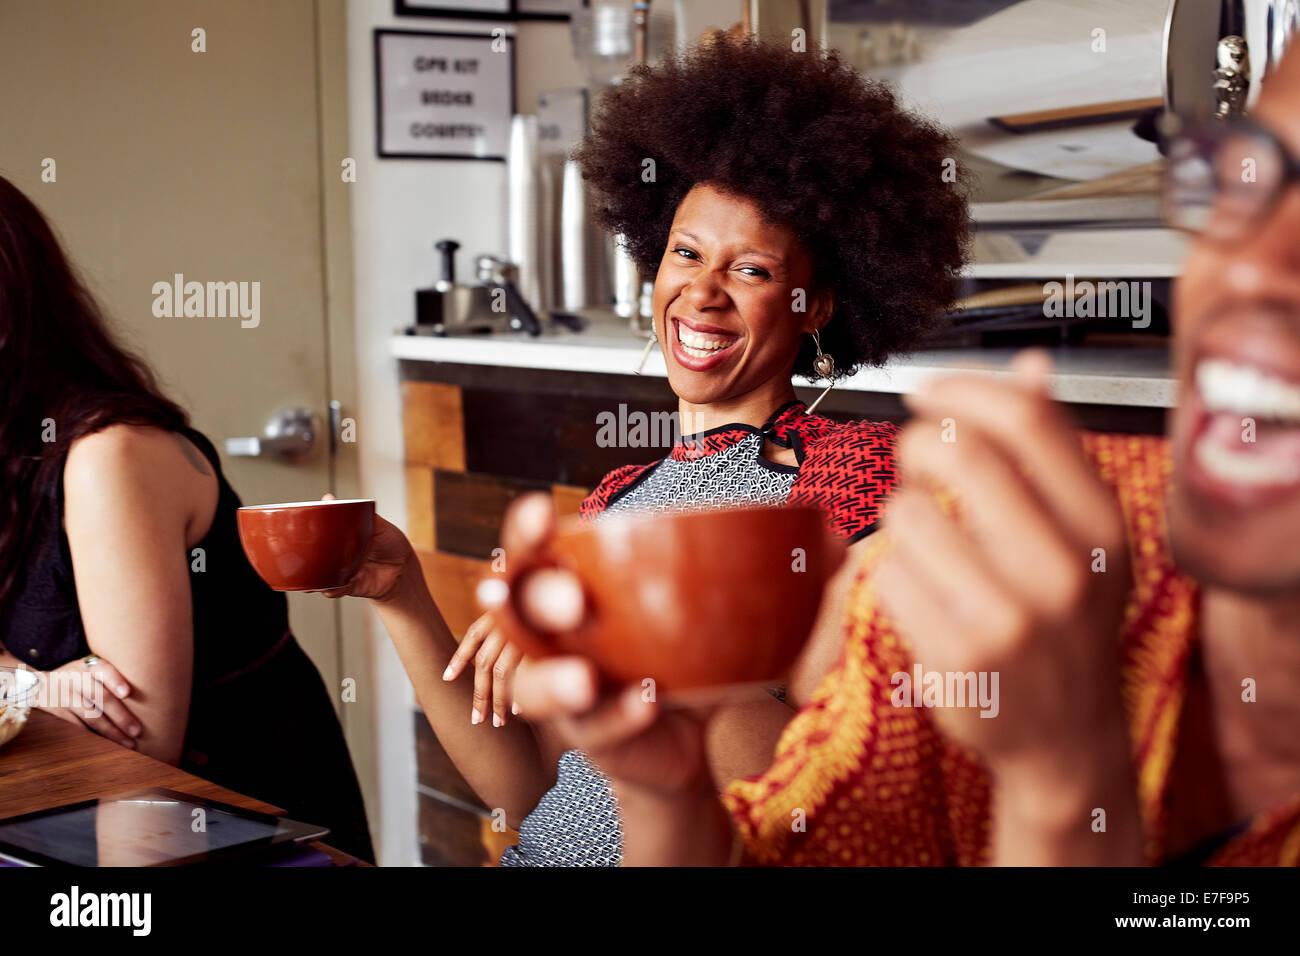 Im Café lachende Frau Stockfoto